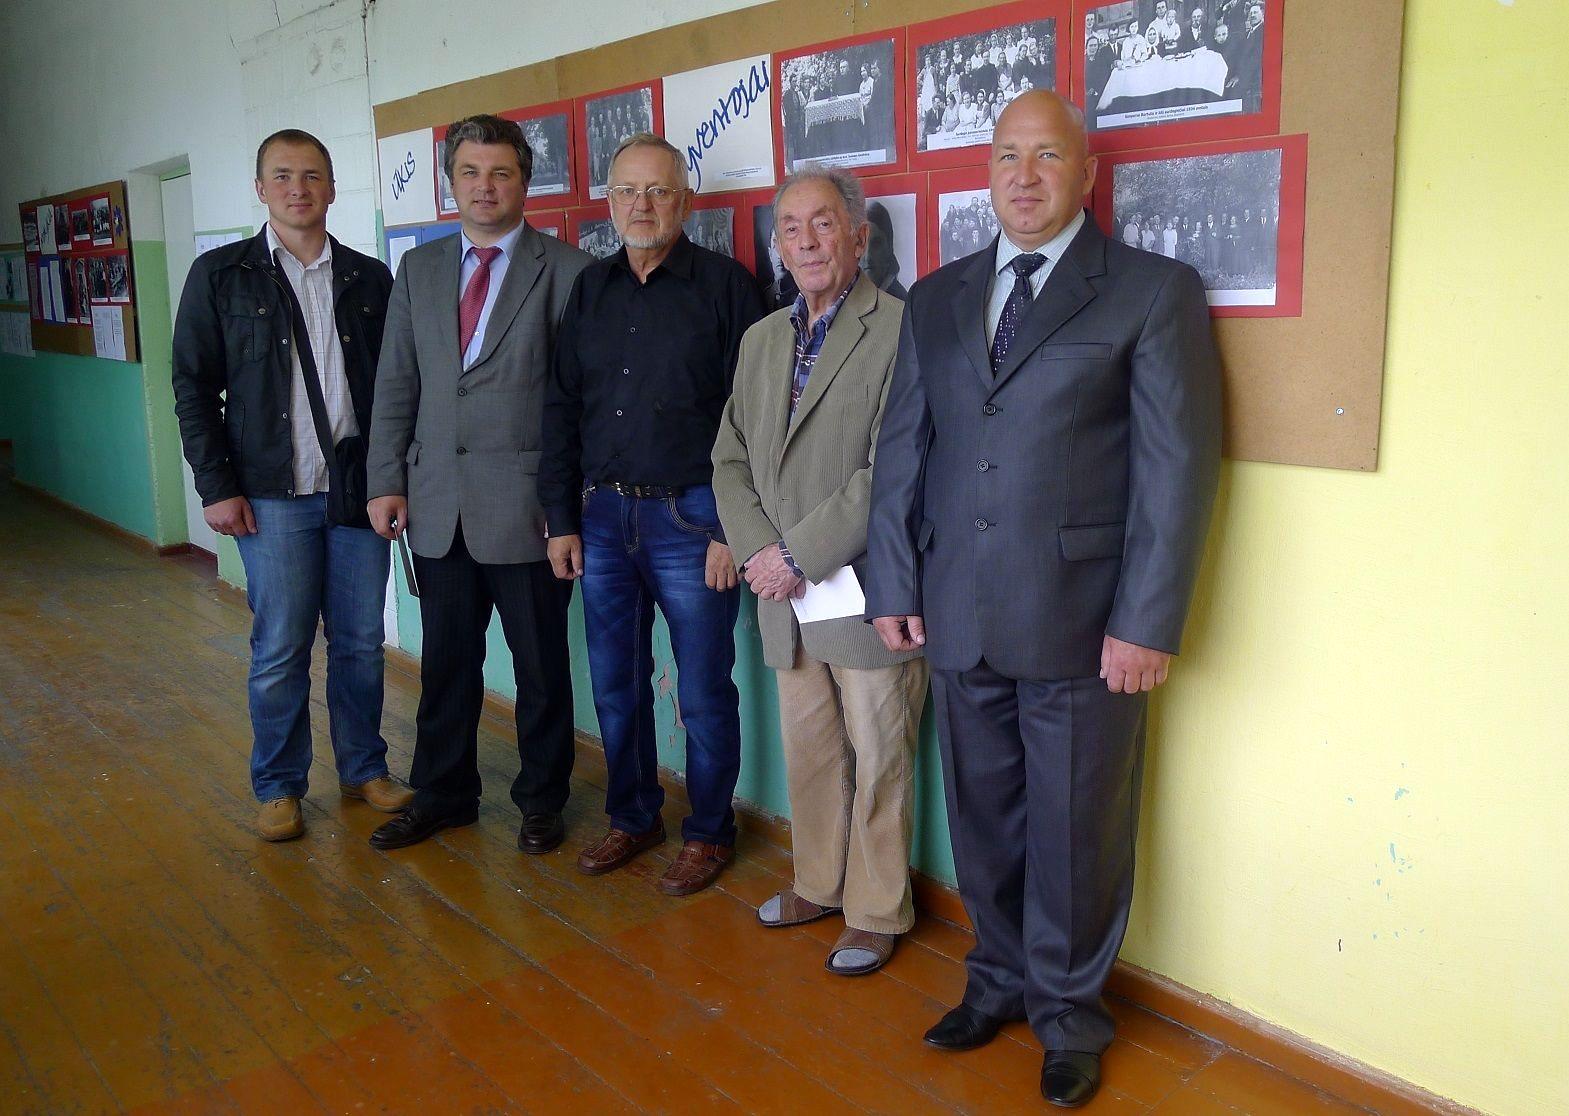 Parodų rengėjas prof. O. Janonis (centre) su svečiais.